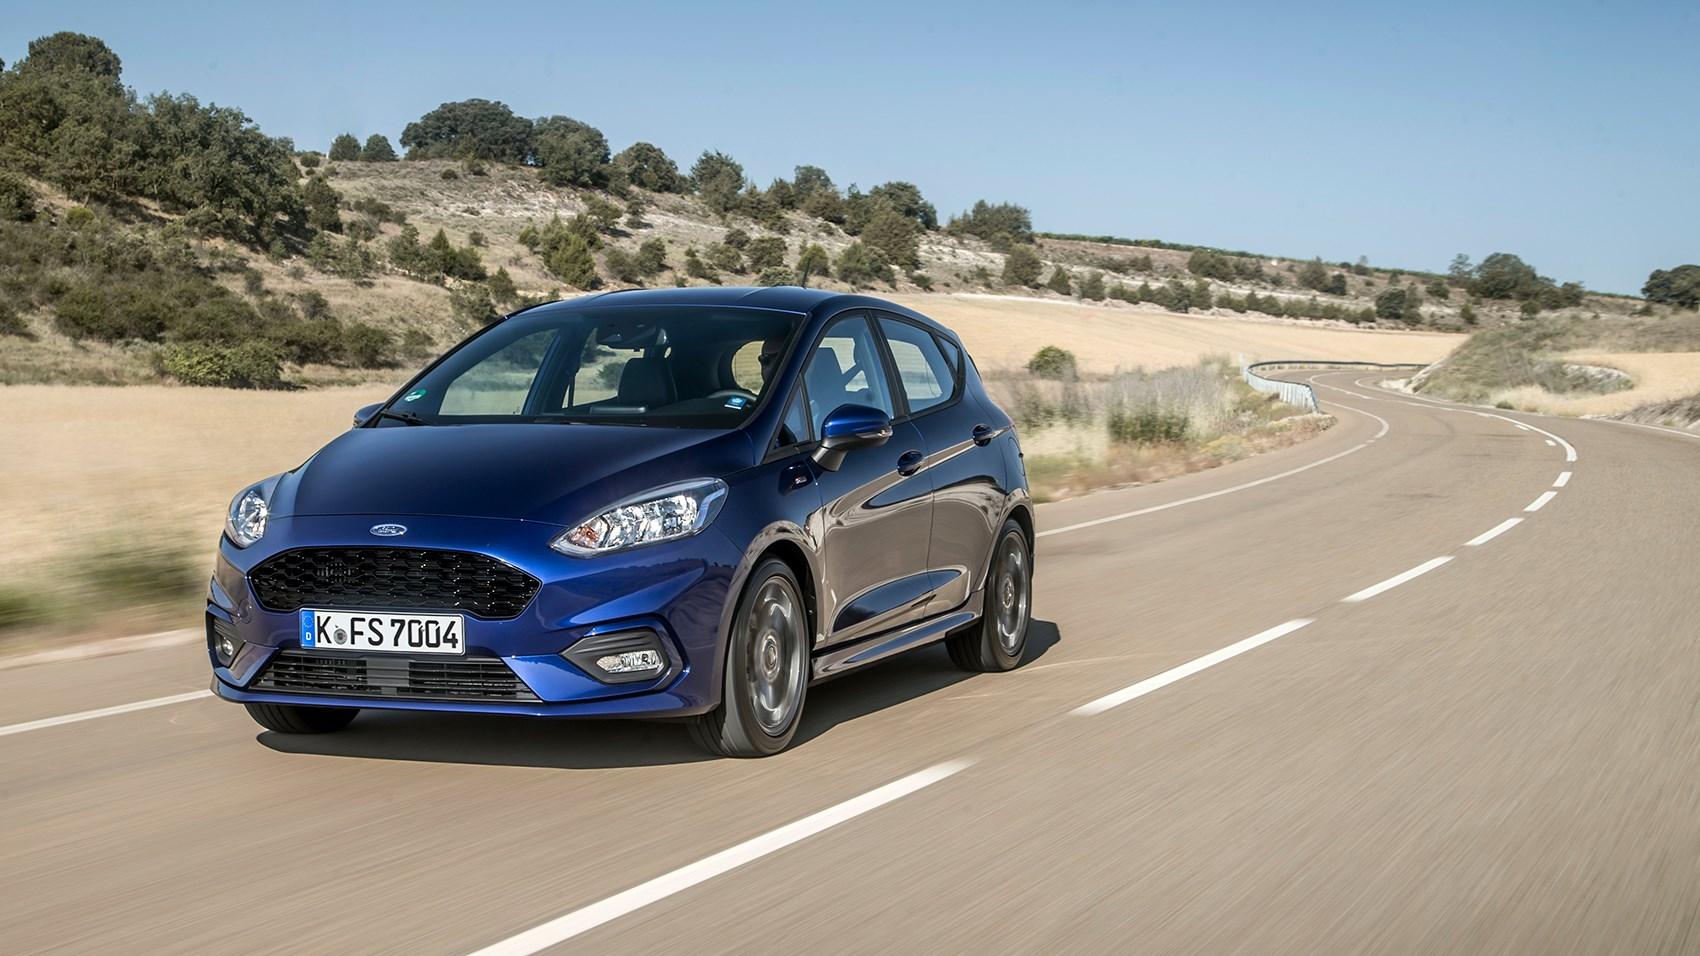 Ford Fiesta Car Magazine